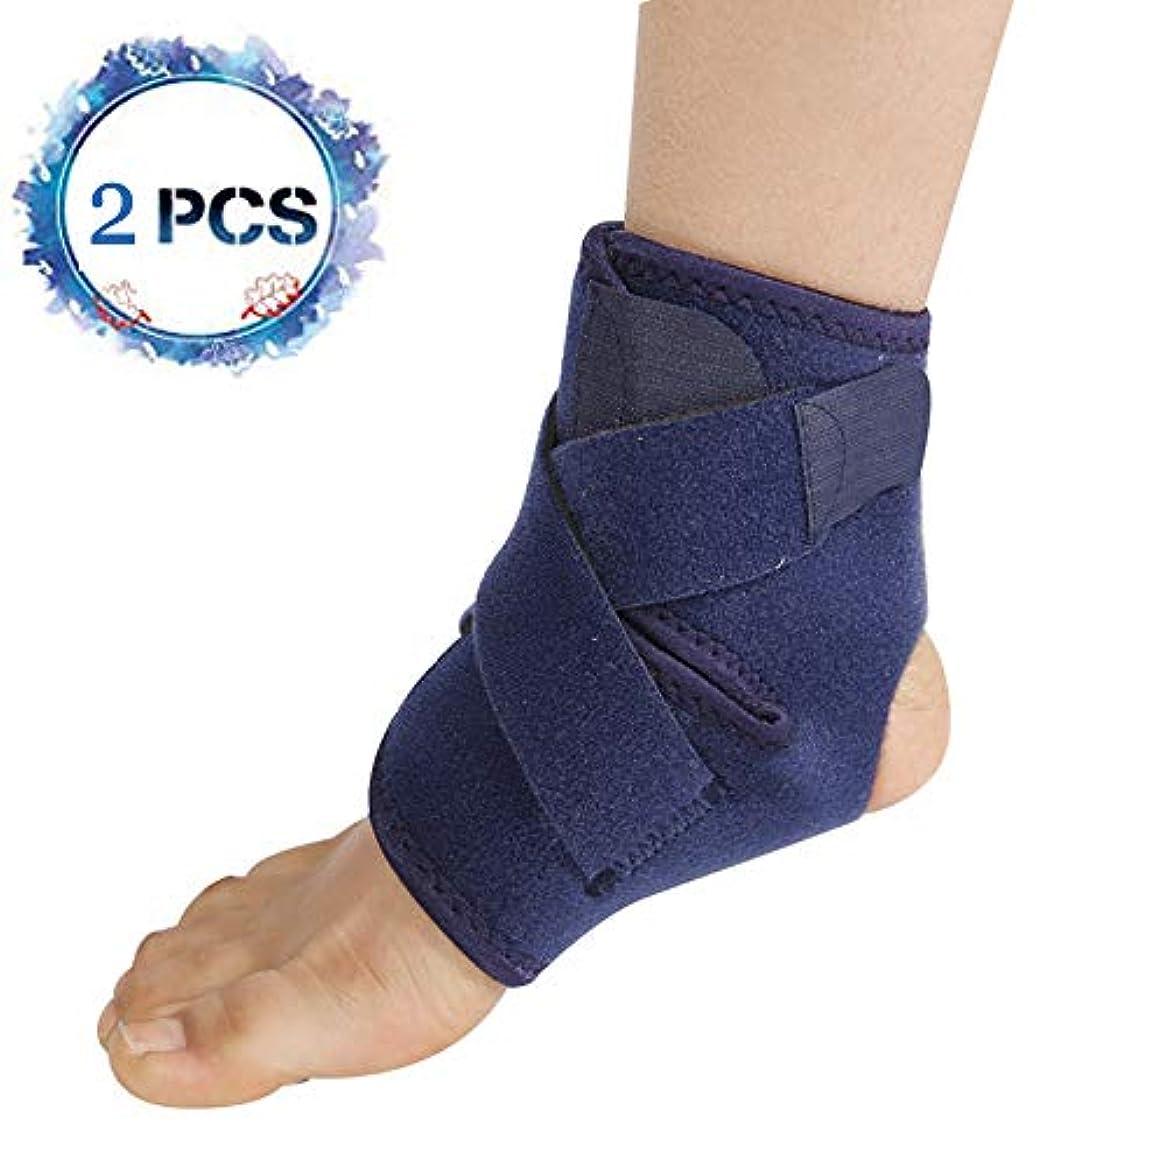 最初エミュレーションシェフ足底筋膜炎夜間副木 - 男性と女性のストレッチバンドの足底筋膜炎 - 足底筋膜矯正足のサポート(1ペア)